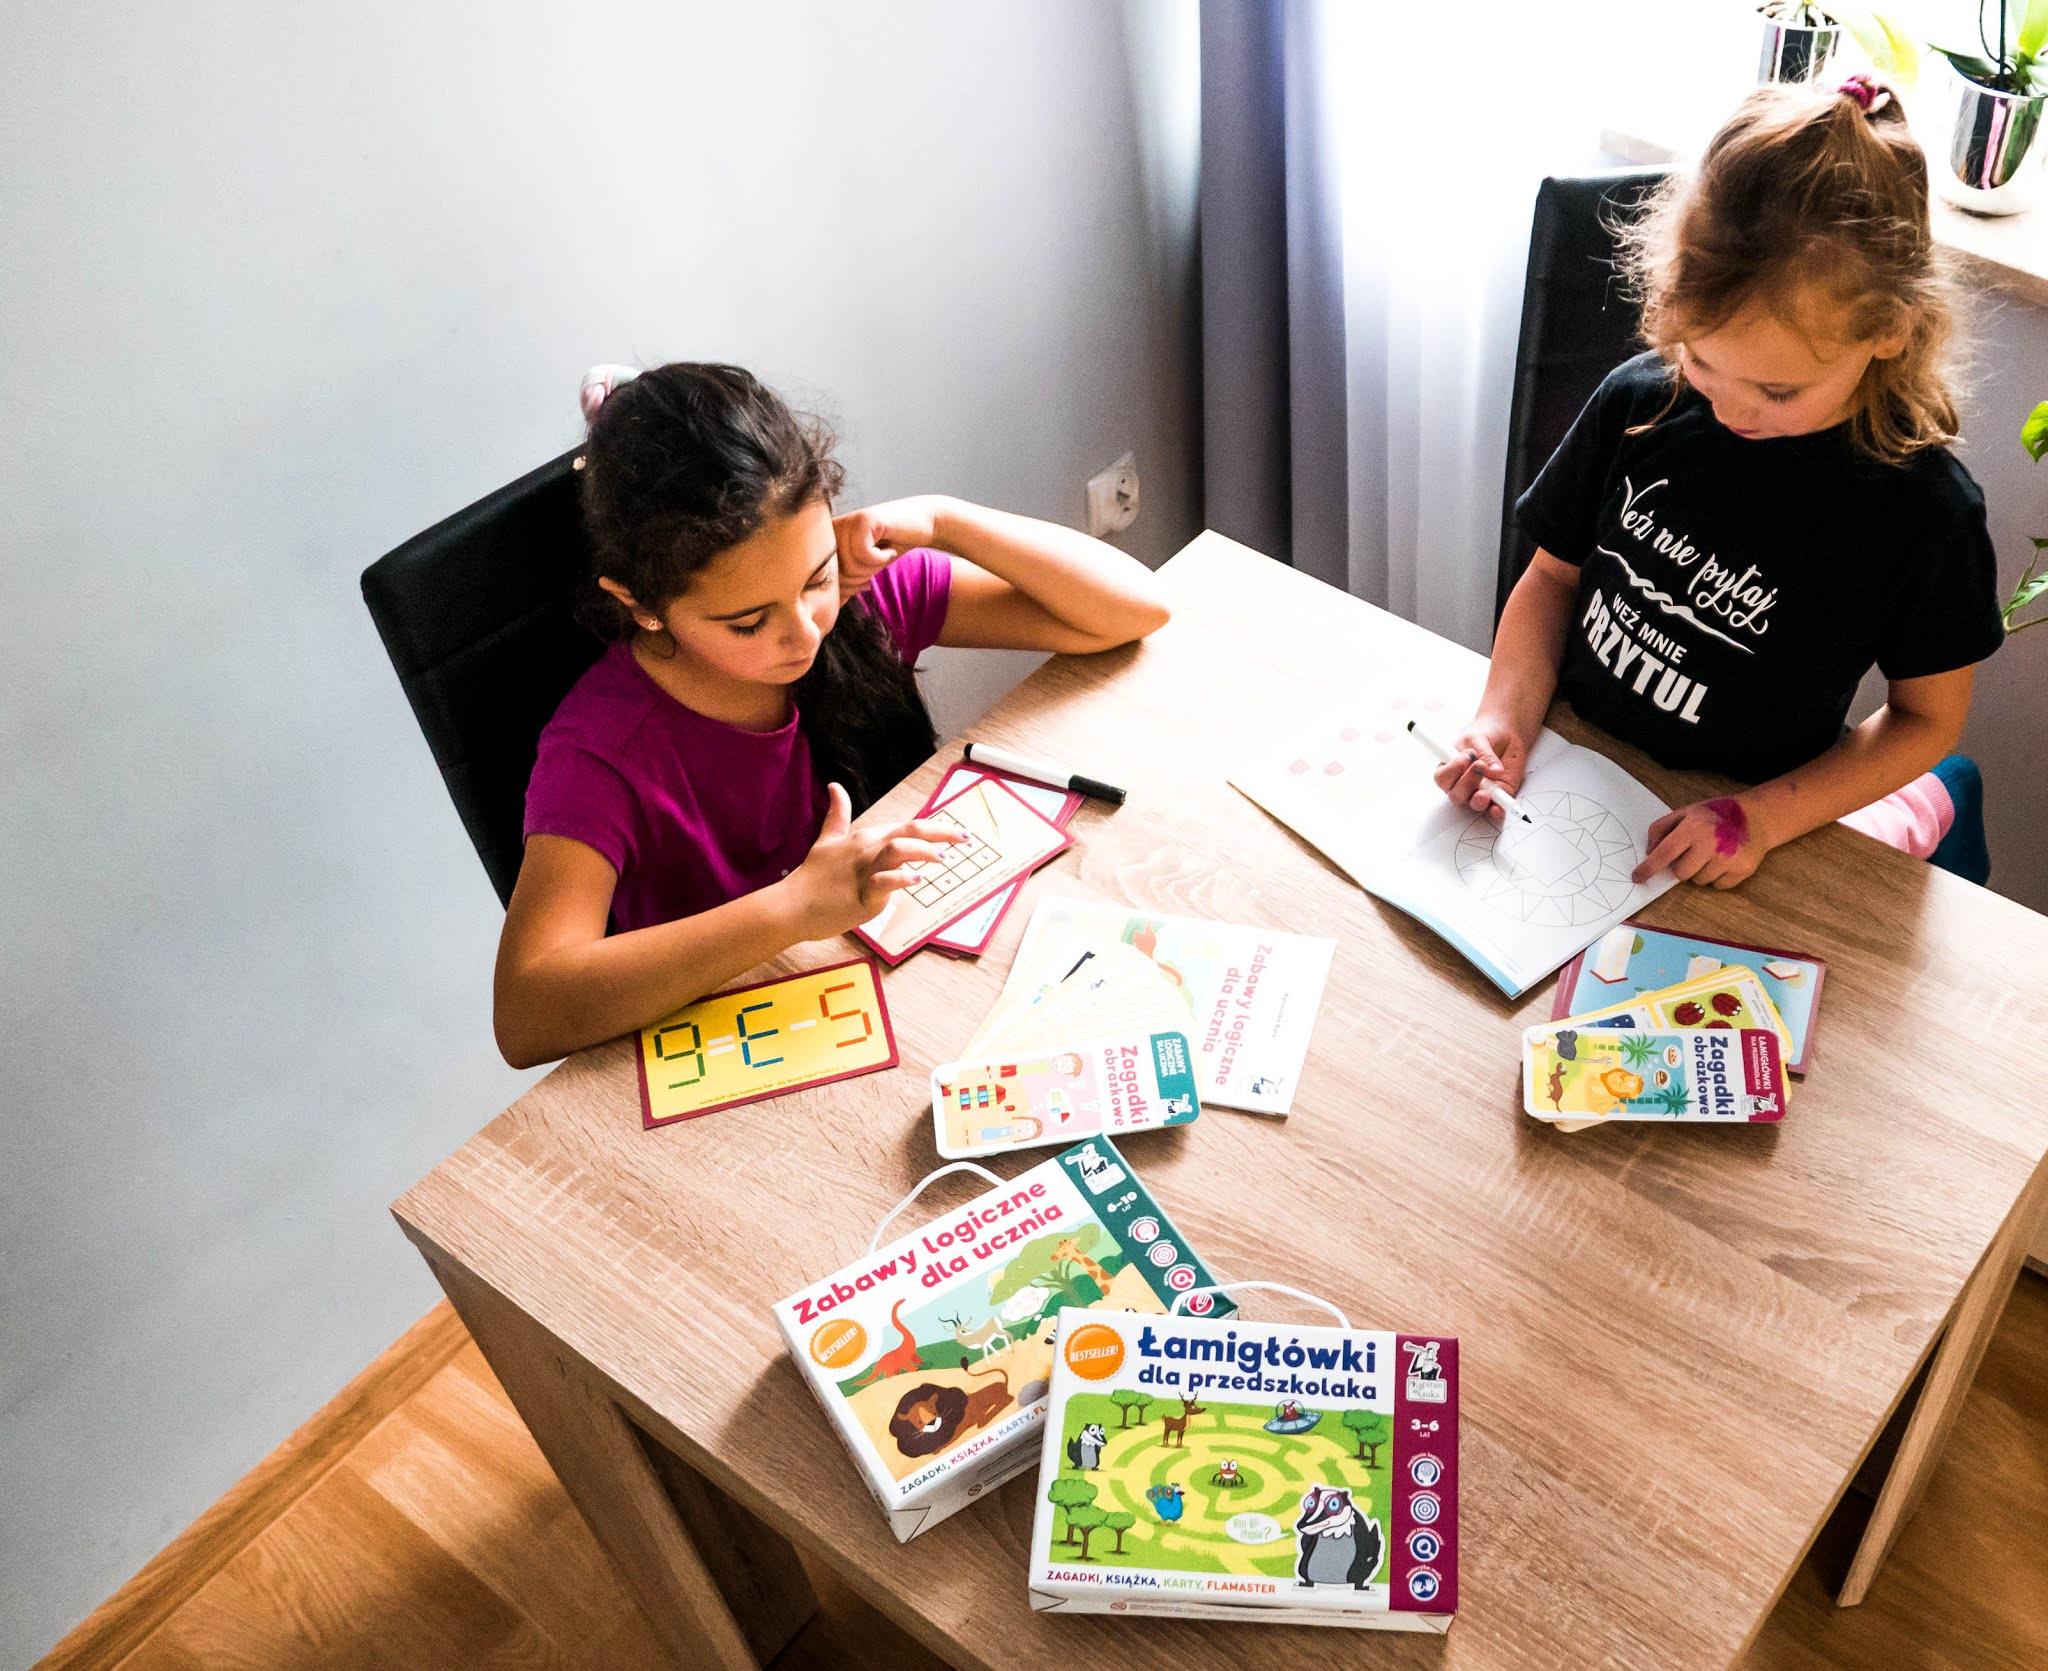 Jakie gry edukacyjne dla dzieci polecacie?